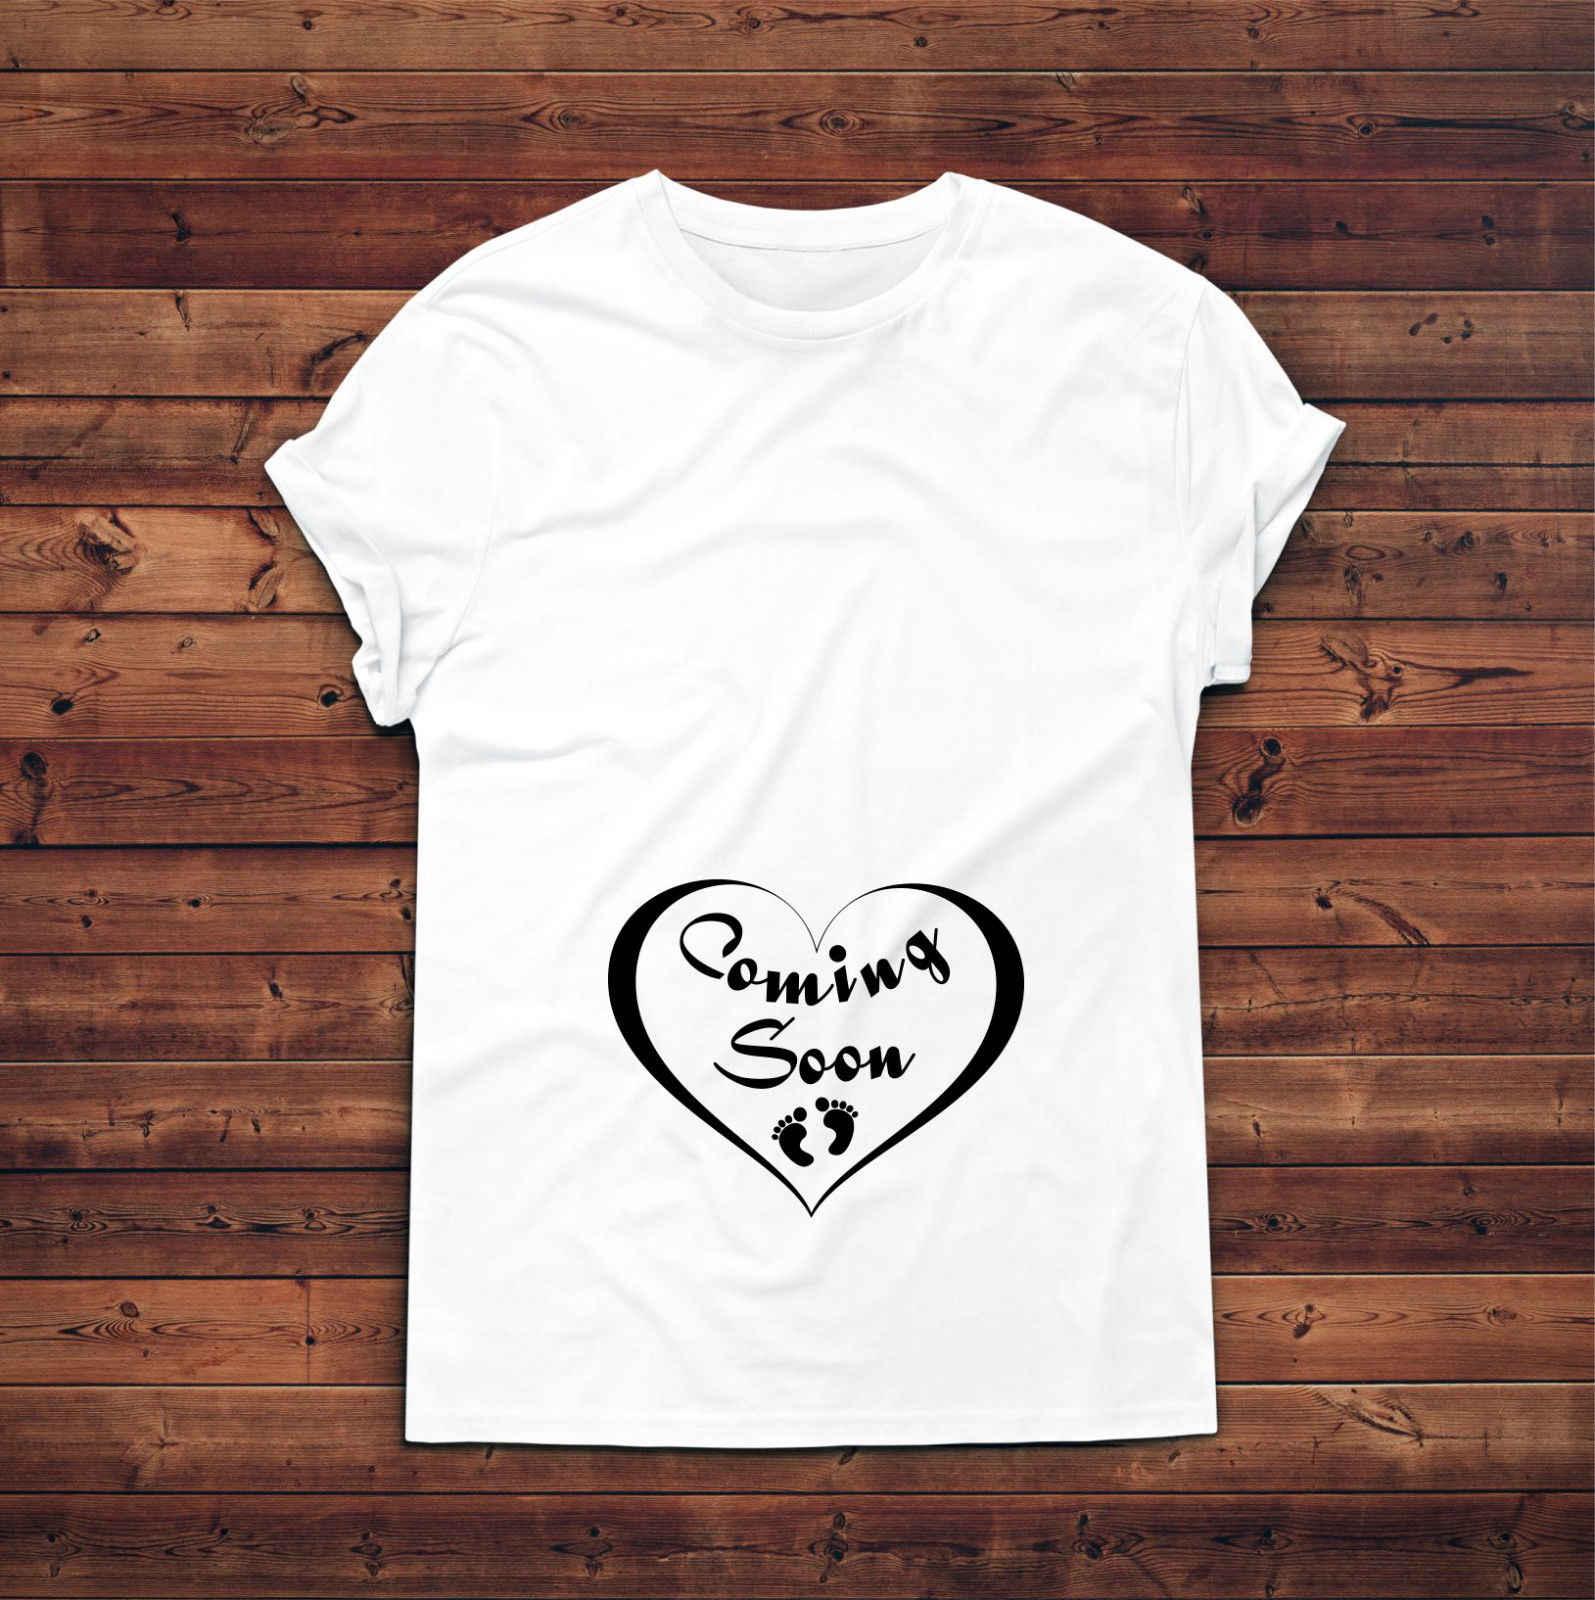 2b75a85a9fe Coming Soon Baby Feet T-shirt,Pregnant AF Shirt,Pregnancy Announcement T  shirt